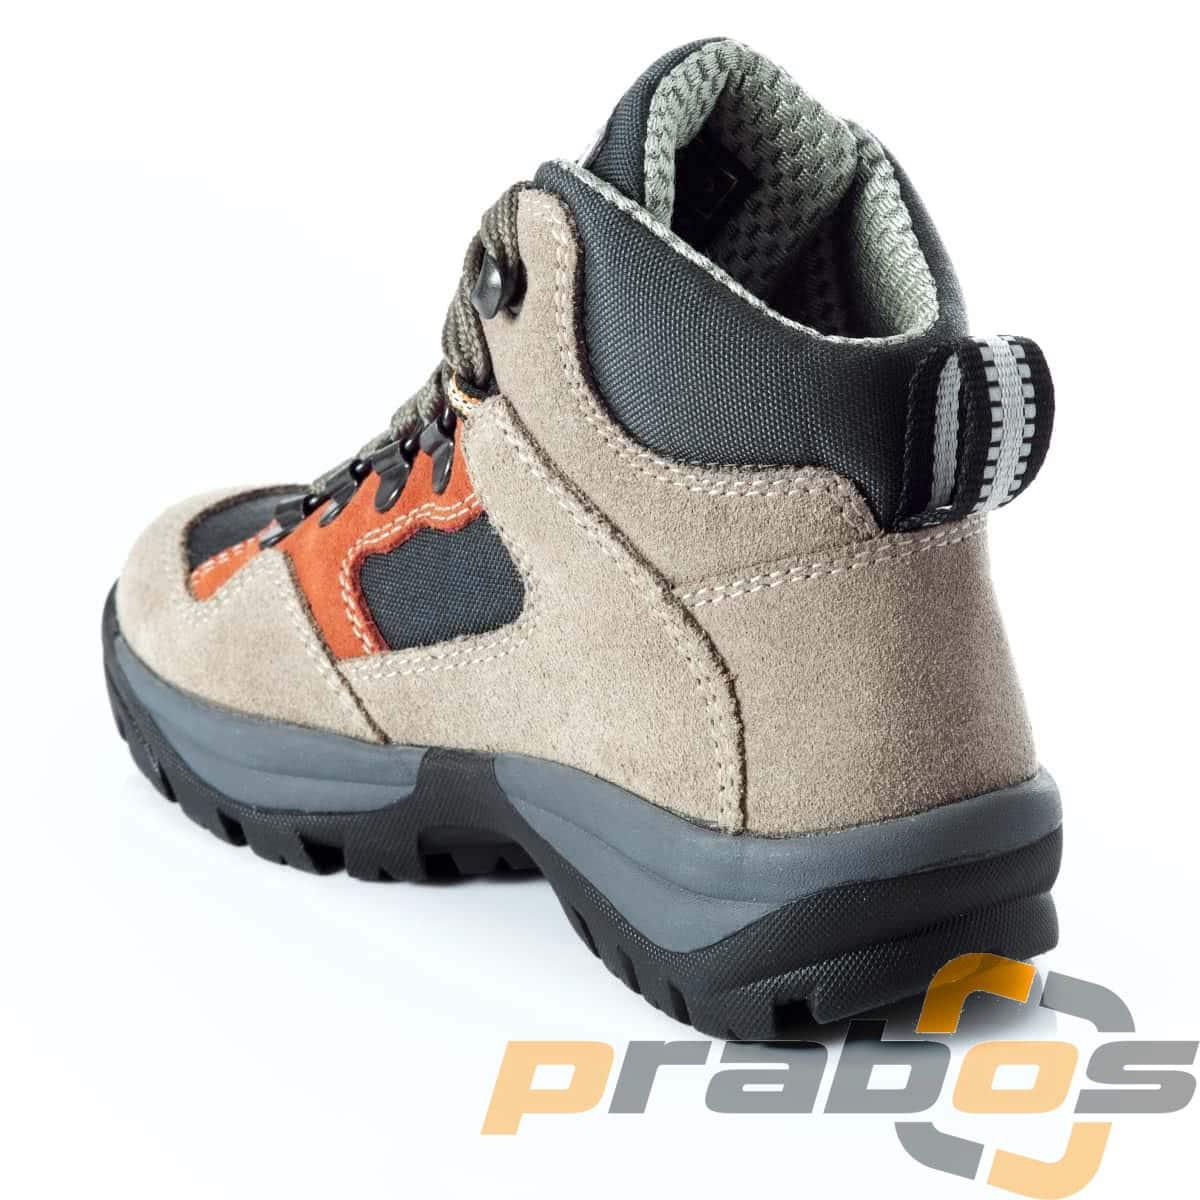 Buty Trekkingowe Dla Dzieci Prabos